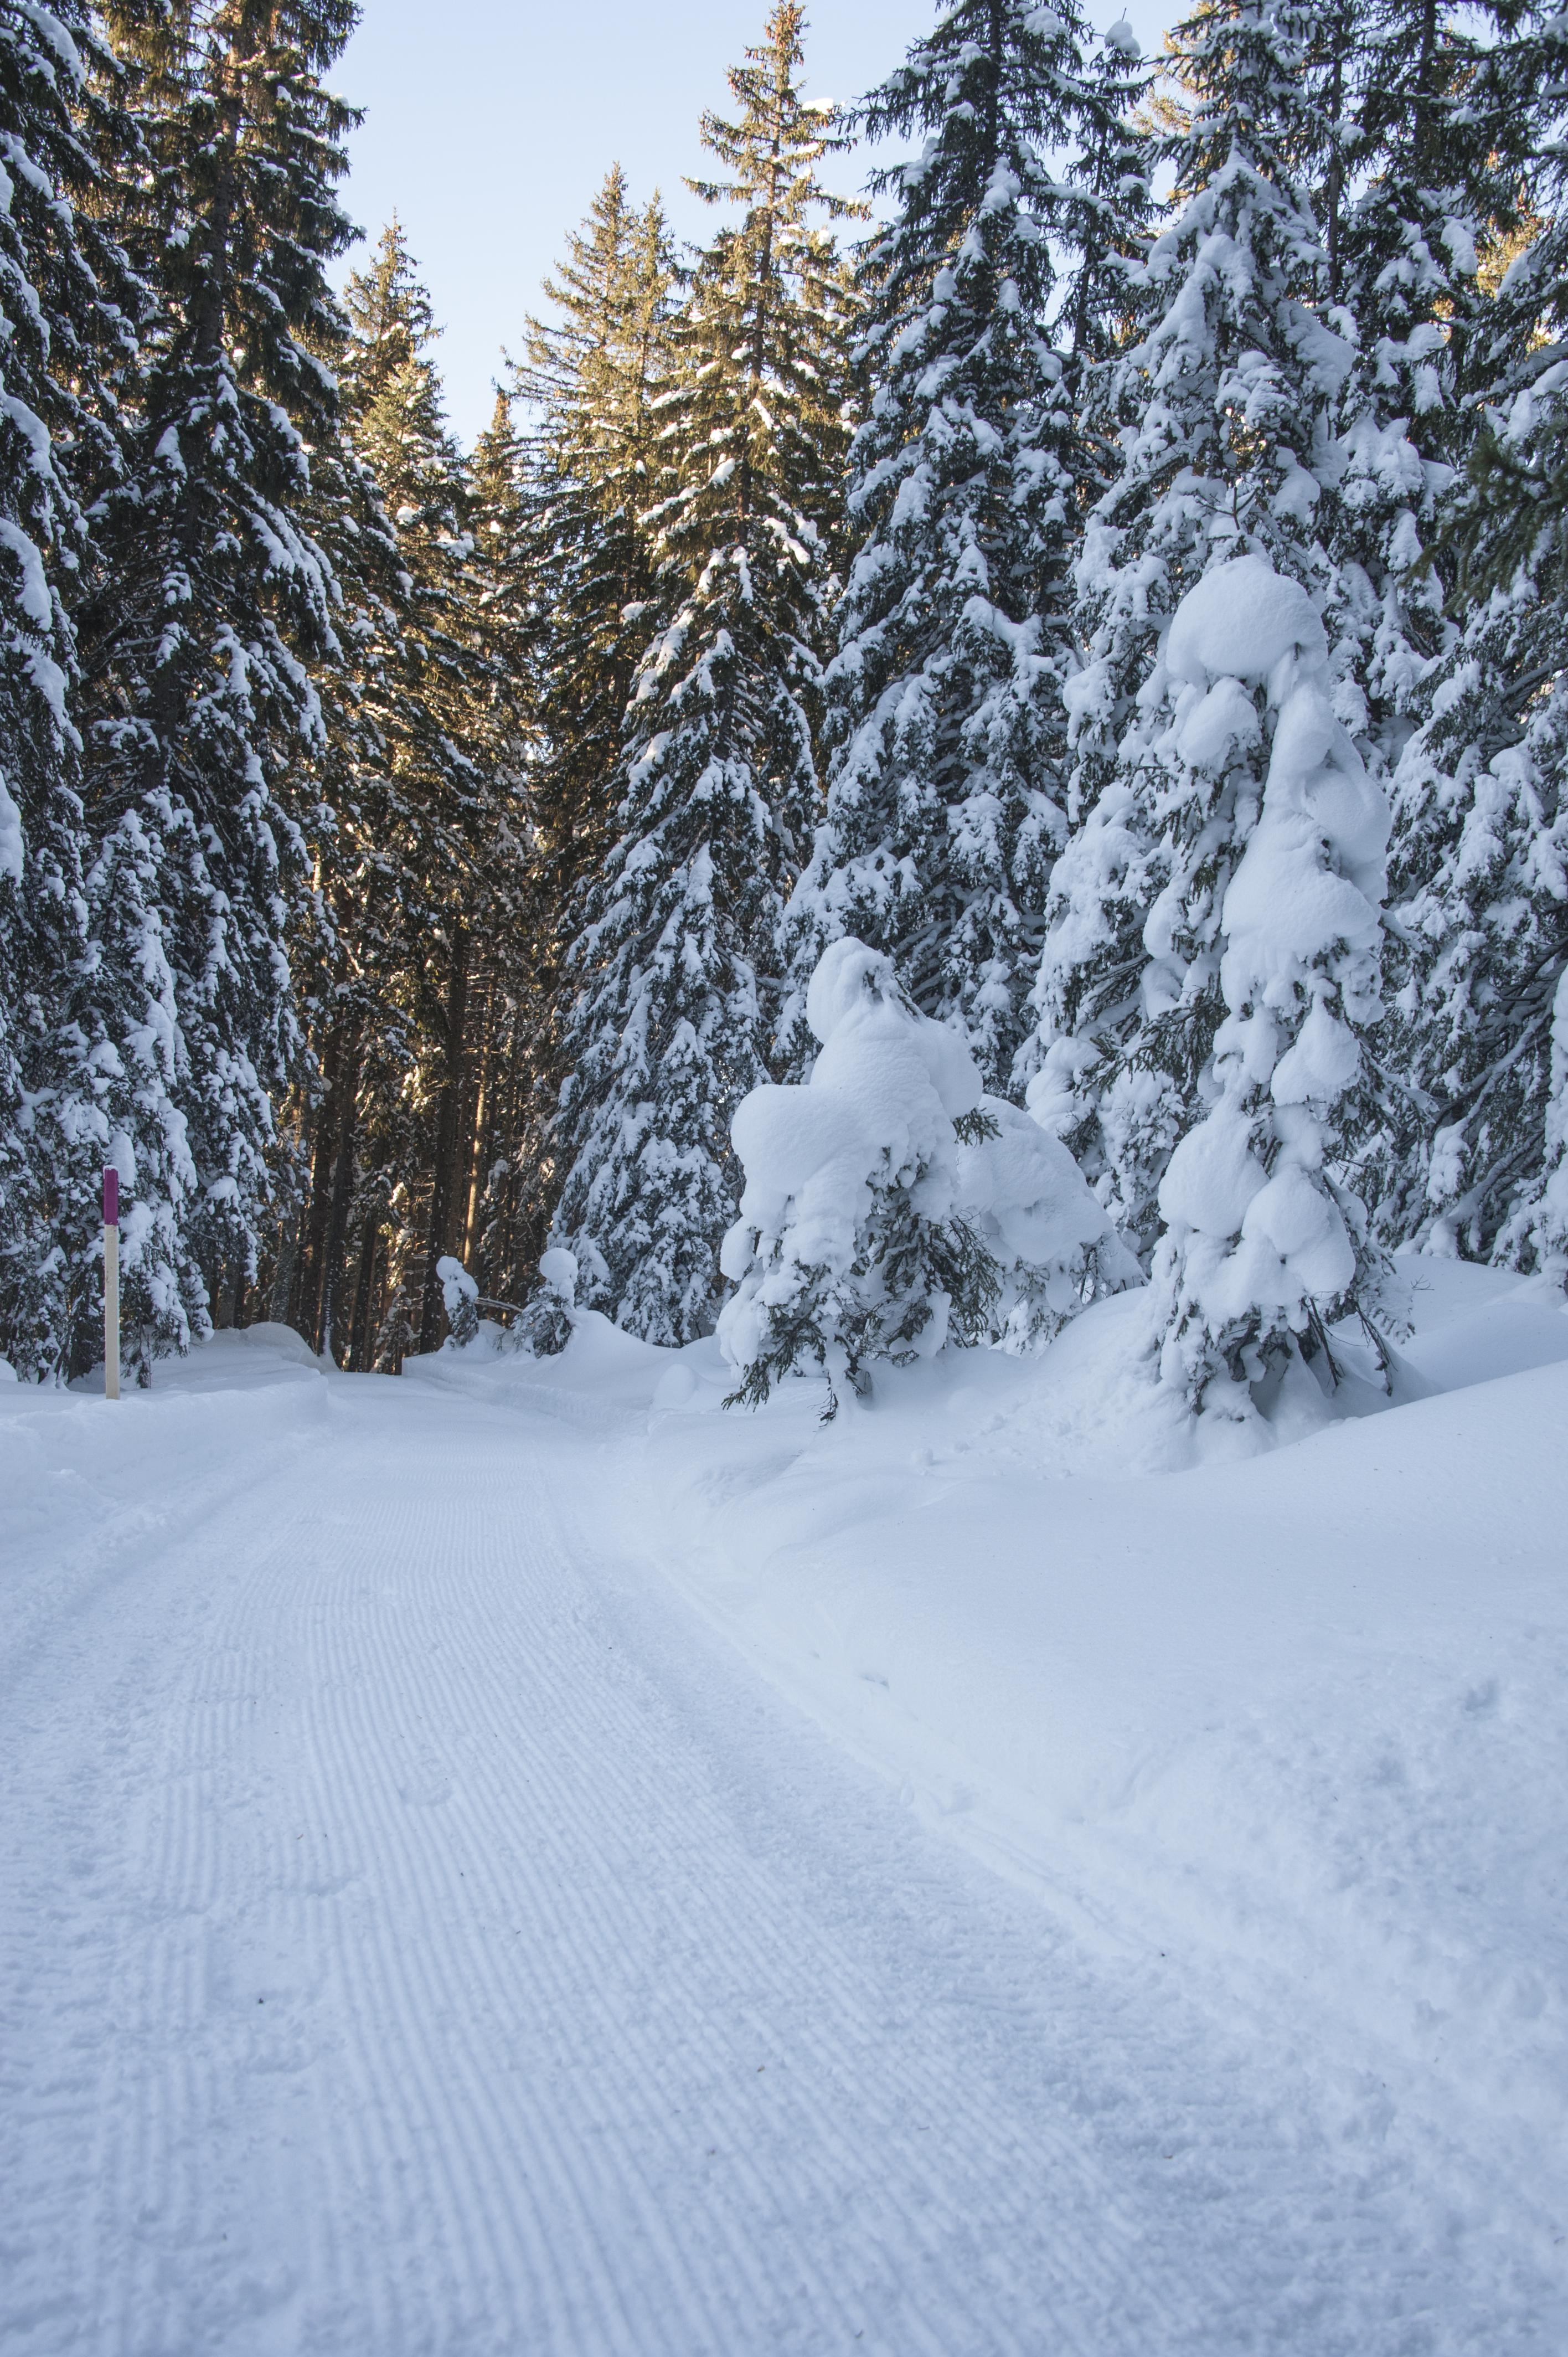 Winterwanderweg_RodelnLuisa_Winterbilder_Tropfen_Bäume_0010_1.jpg